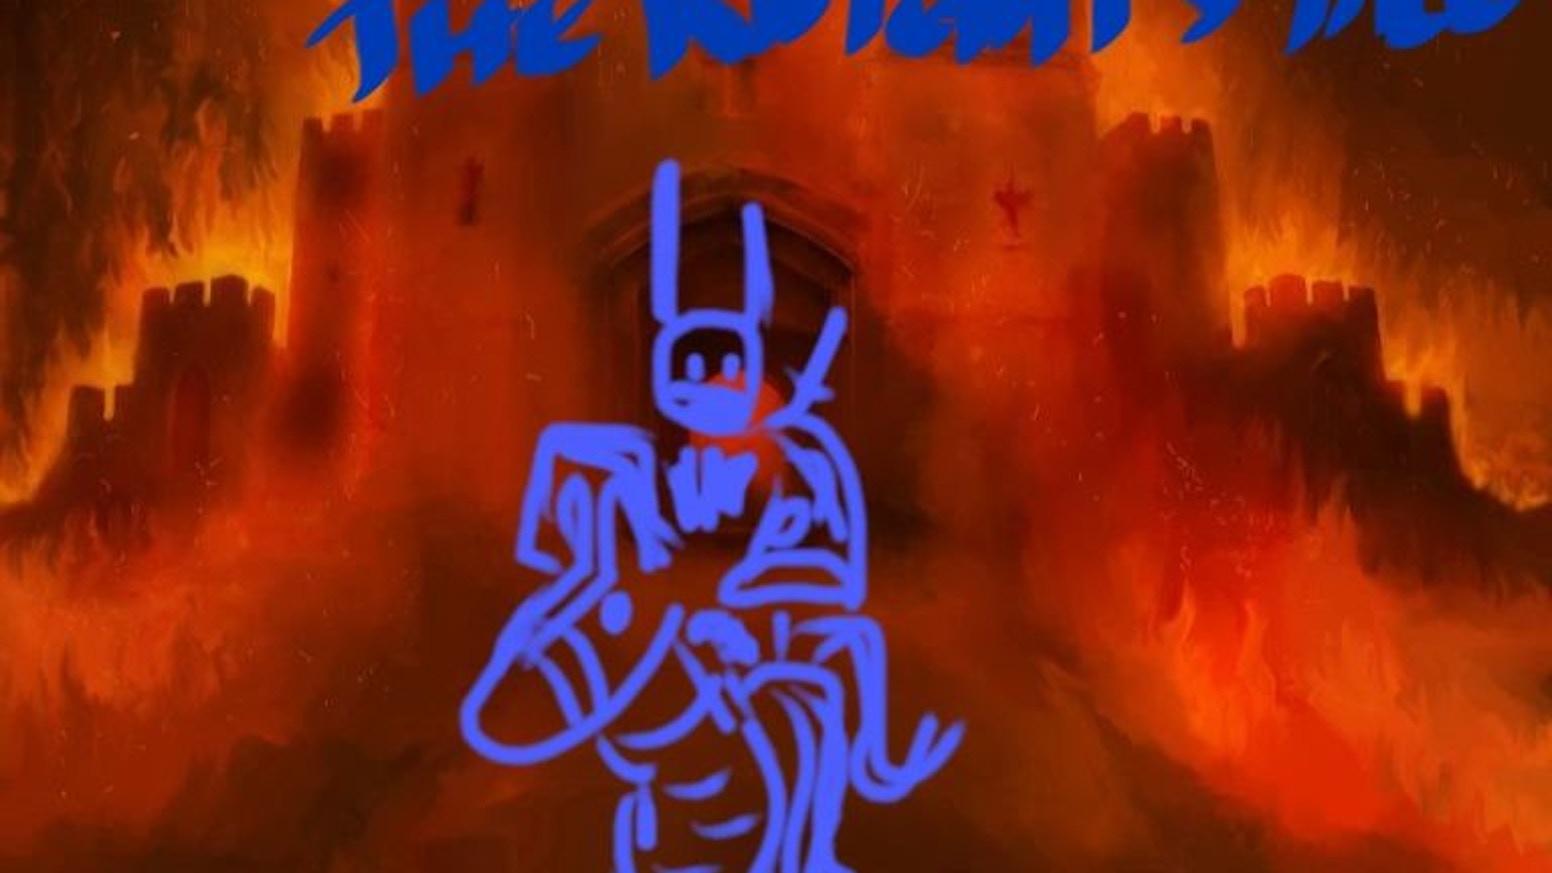 Oathbreaker: The Knight's Tale